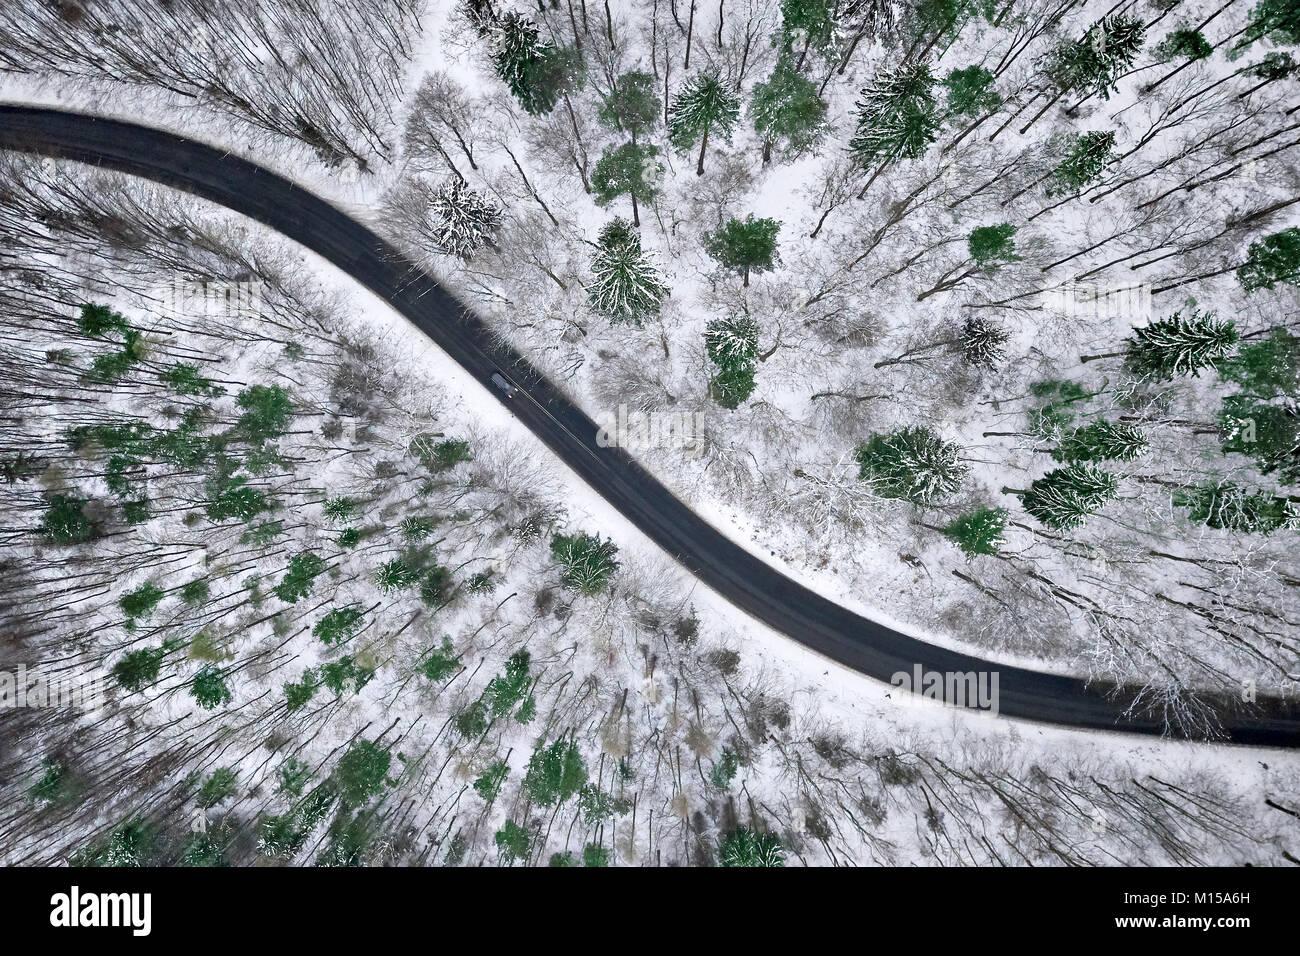 Vue aérienne de la route d'hiver dans la forêt enneigée. Drone capturé tourné à Photo Stock